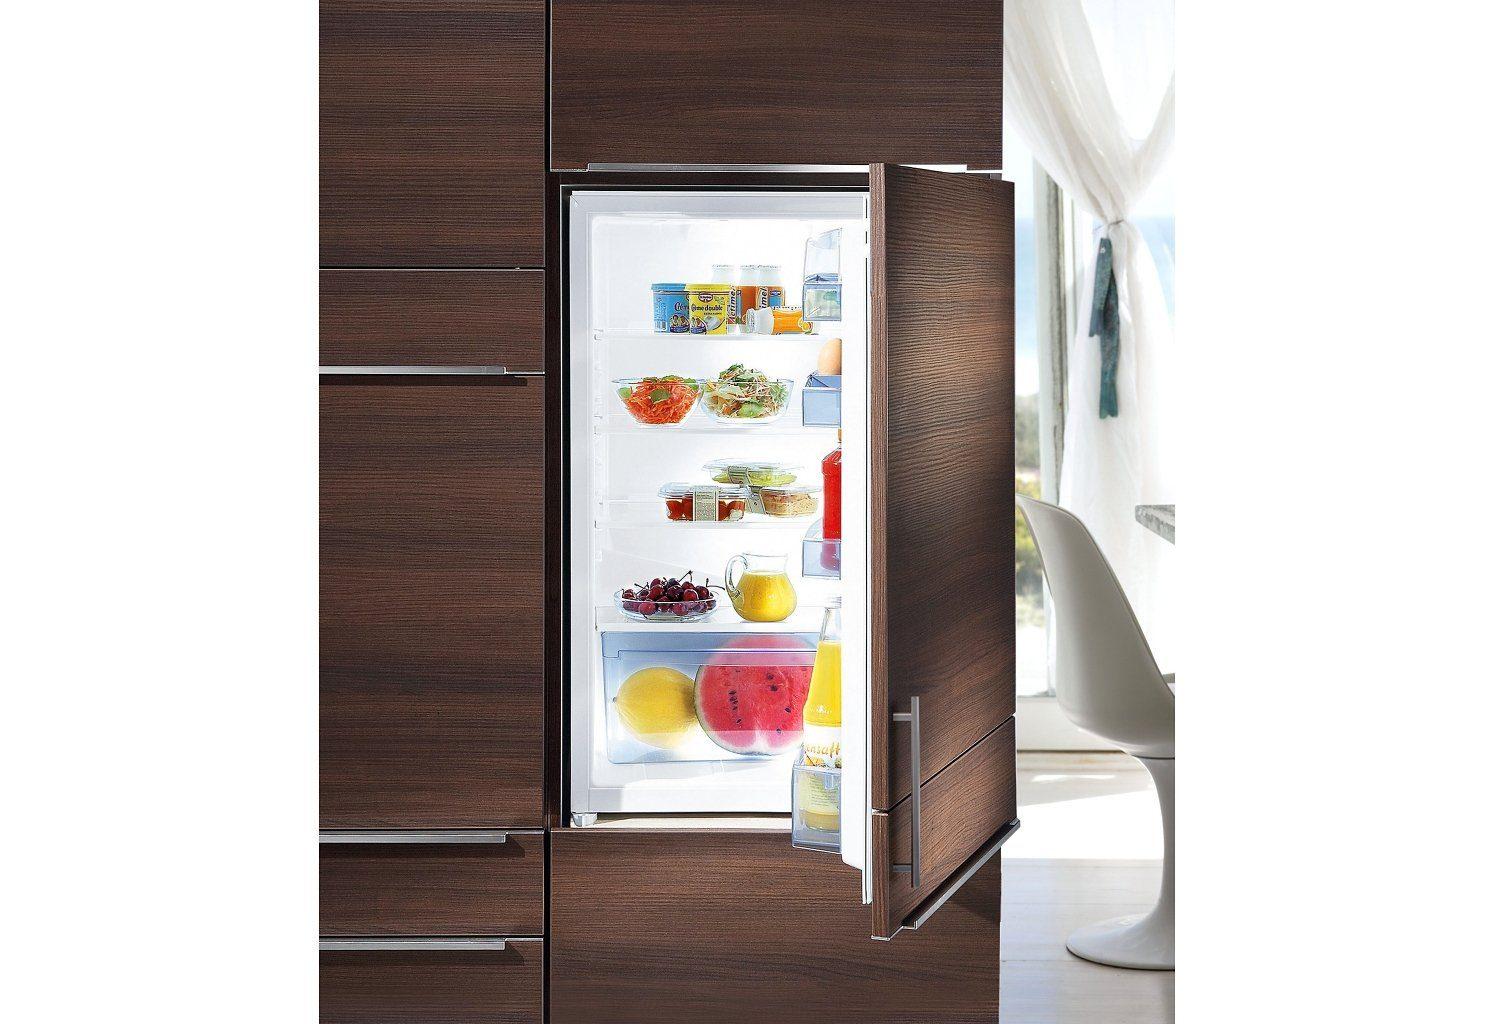 Kleiner Kühlschrank Einbau : Gorenje einbaukühlschrank ri aw cm hoch cm breit